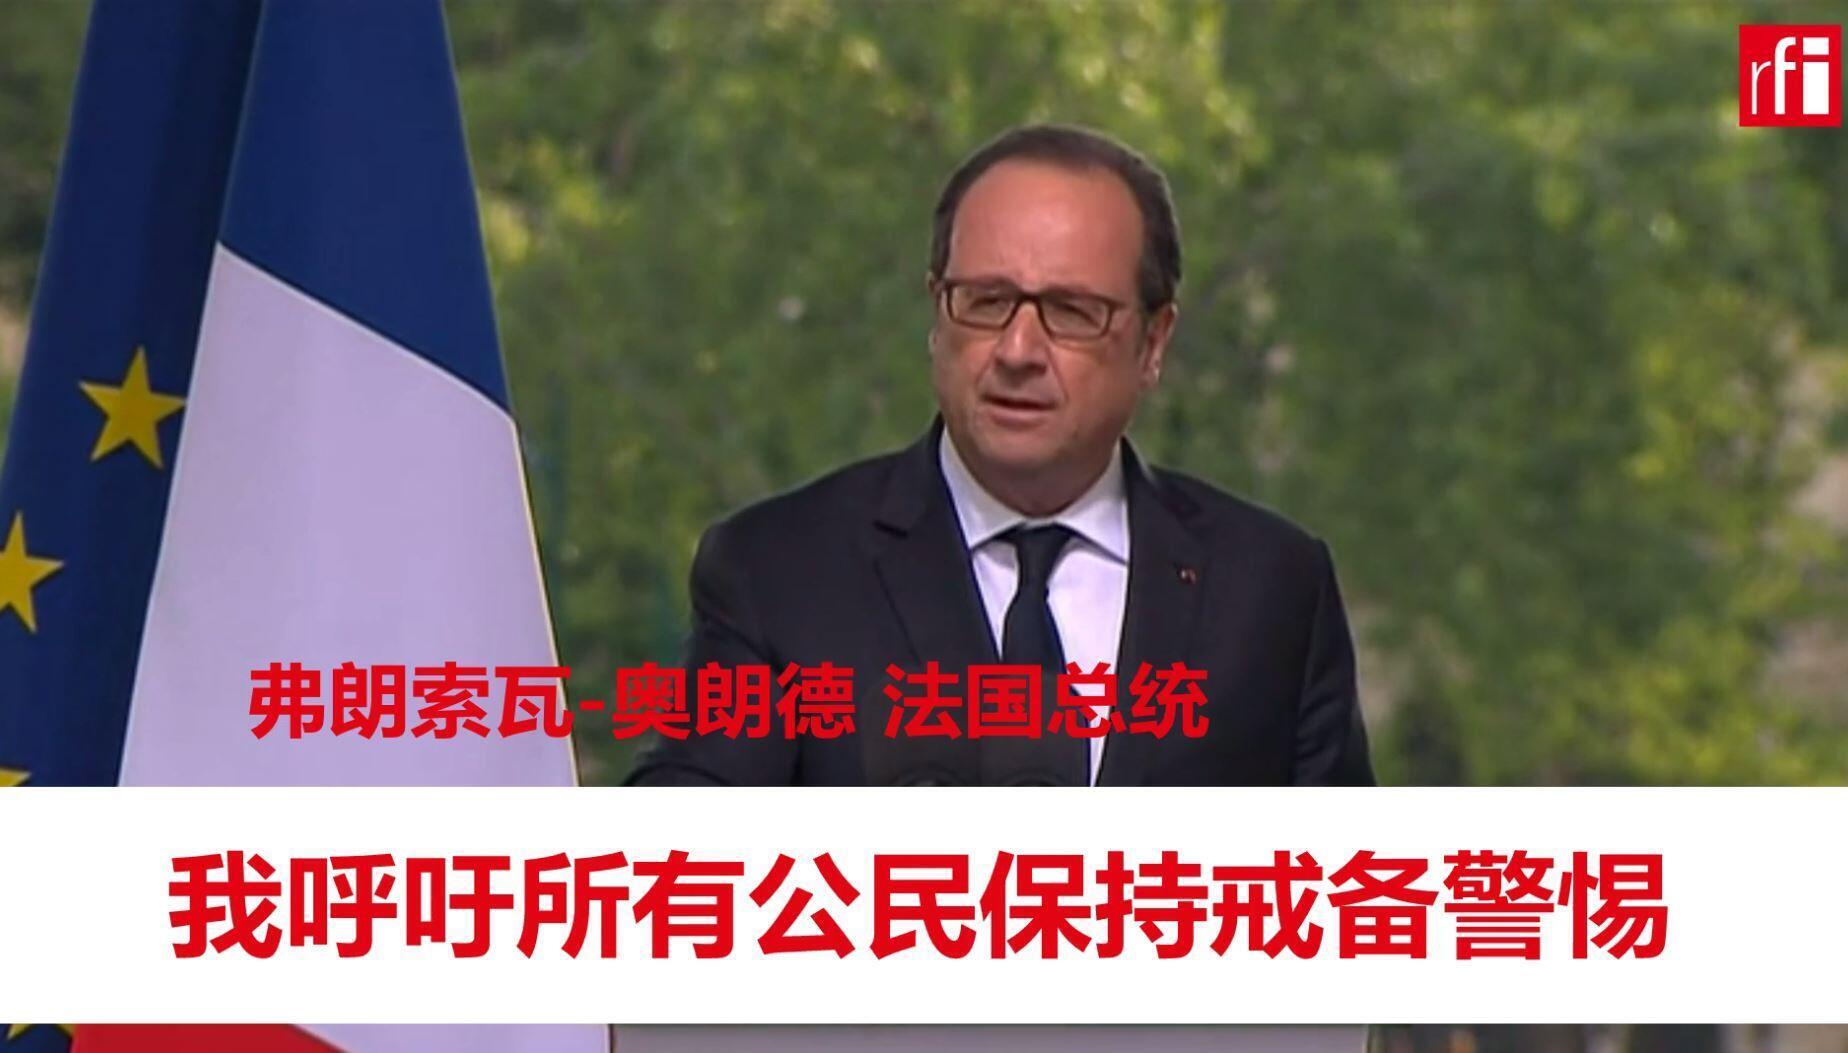 法国总统奥朗德在亚美尼亚种族灭绝纪念日的演讲